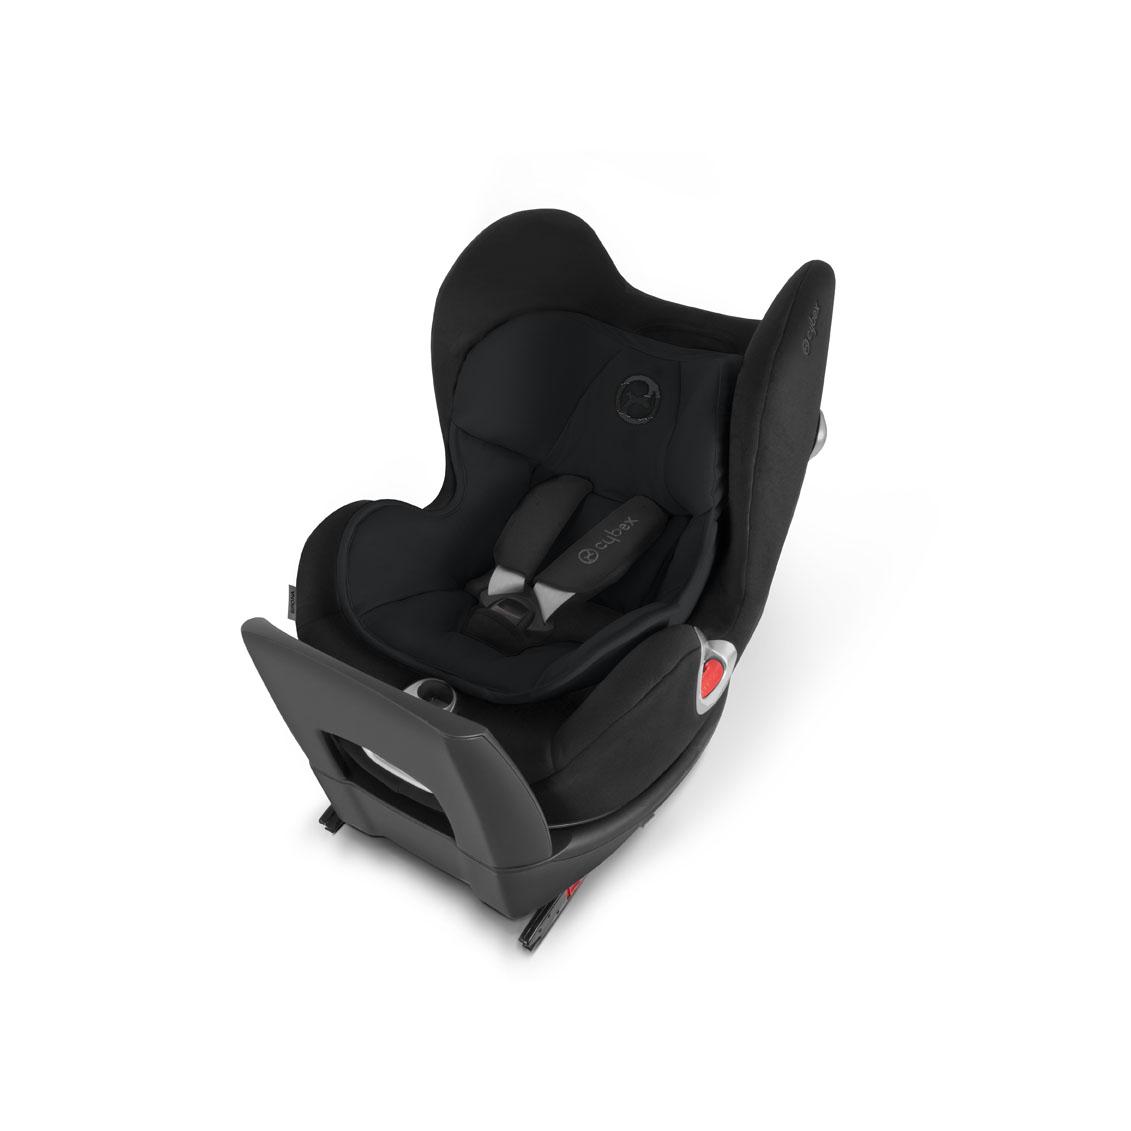 cybex sirona neugeboreneneinlage baby fachmarkt f r babyausstattung gmbh. Black Bedroom Furniture Sets. Home Design Ideas